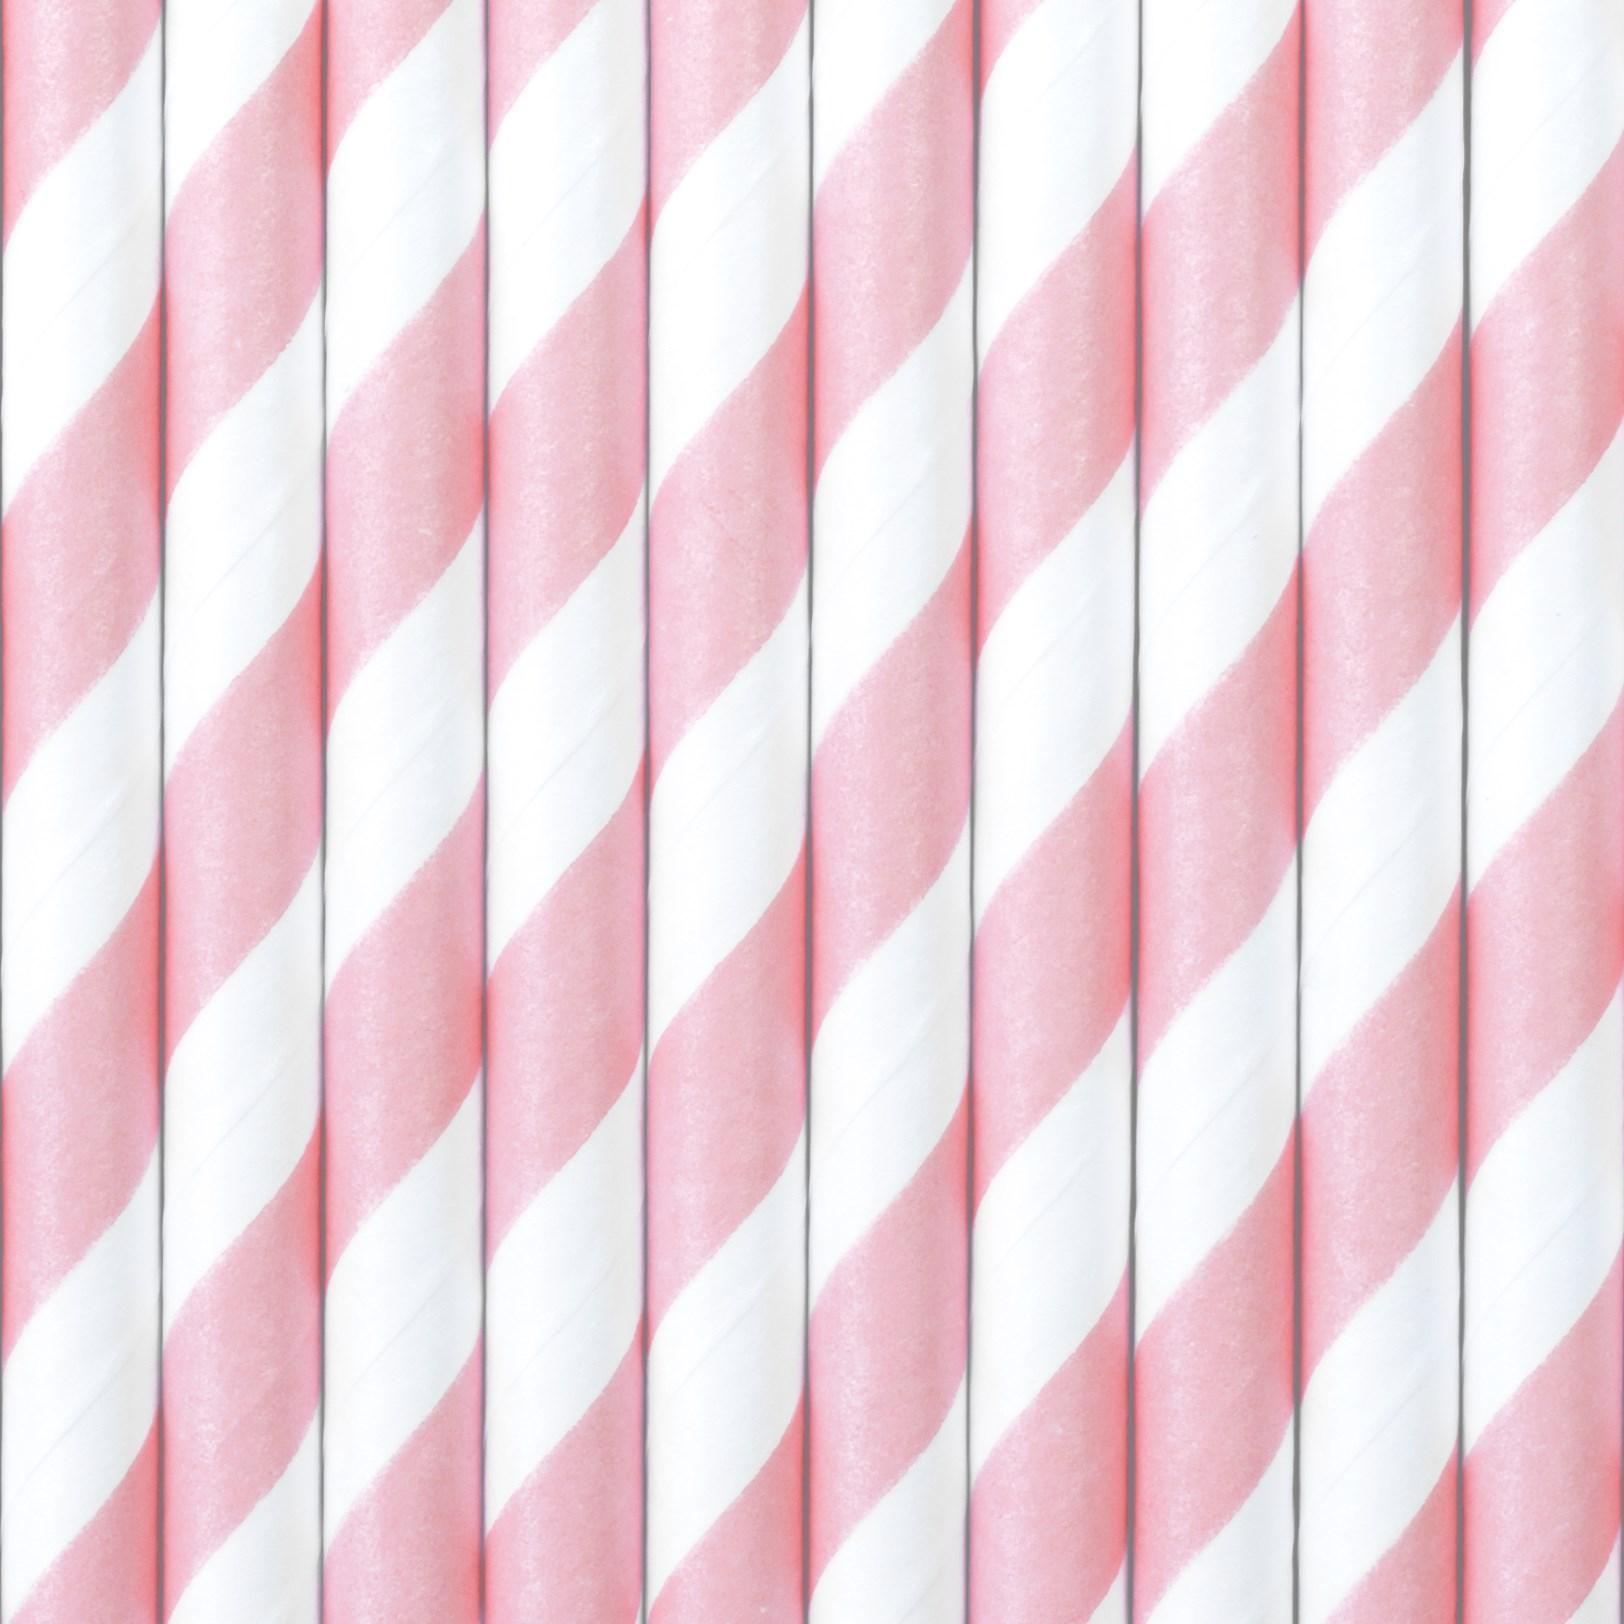 Χάρτινα Καλαμάκια Ριγέ Ροζ με 'Ασπρο – 10 Τεμάχια